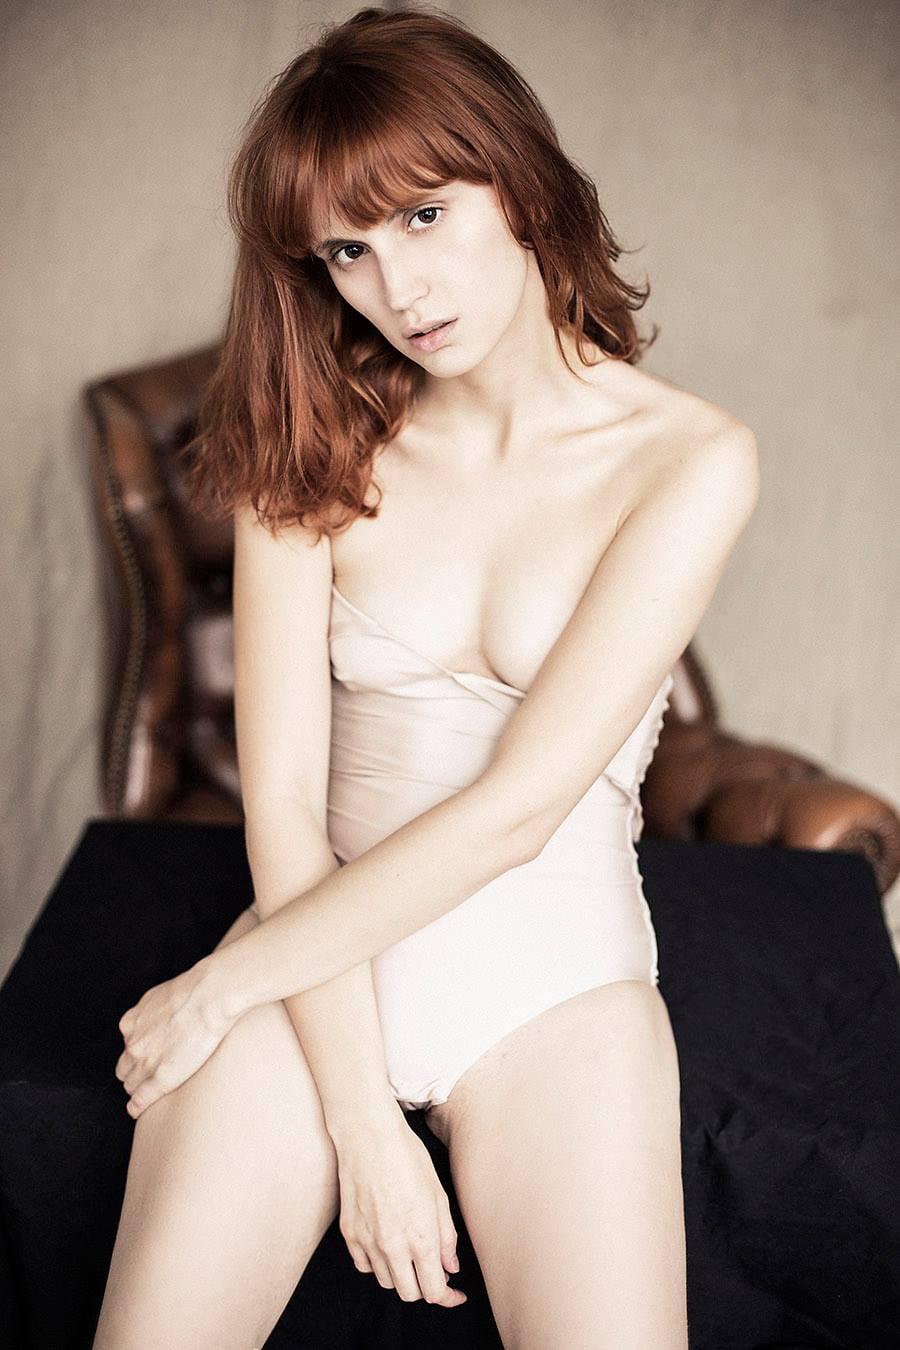 В Сети появилась откровенная фотосессия модели и актрисы Агаты Максимовой